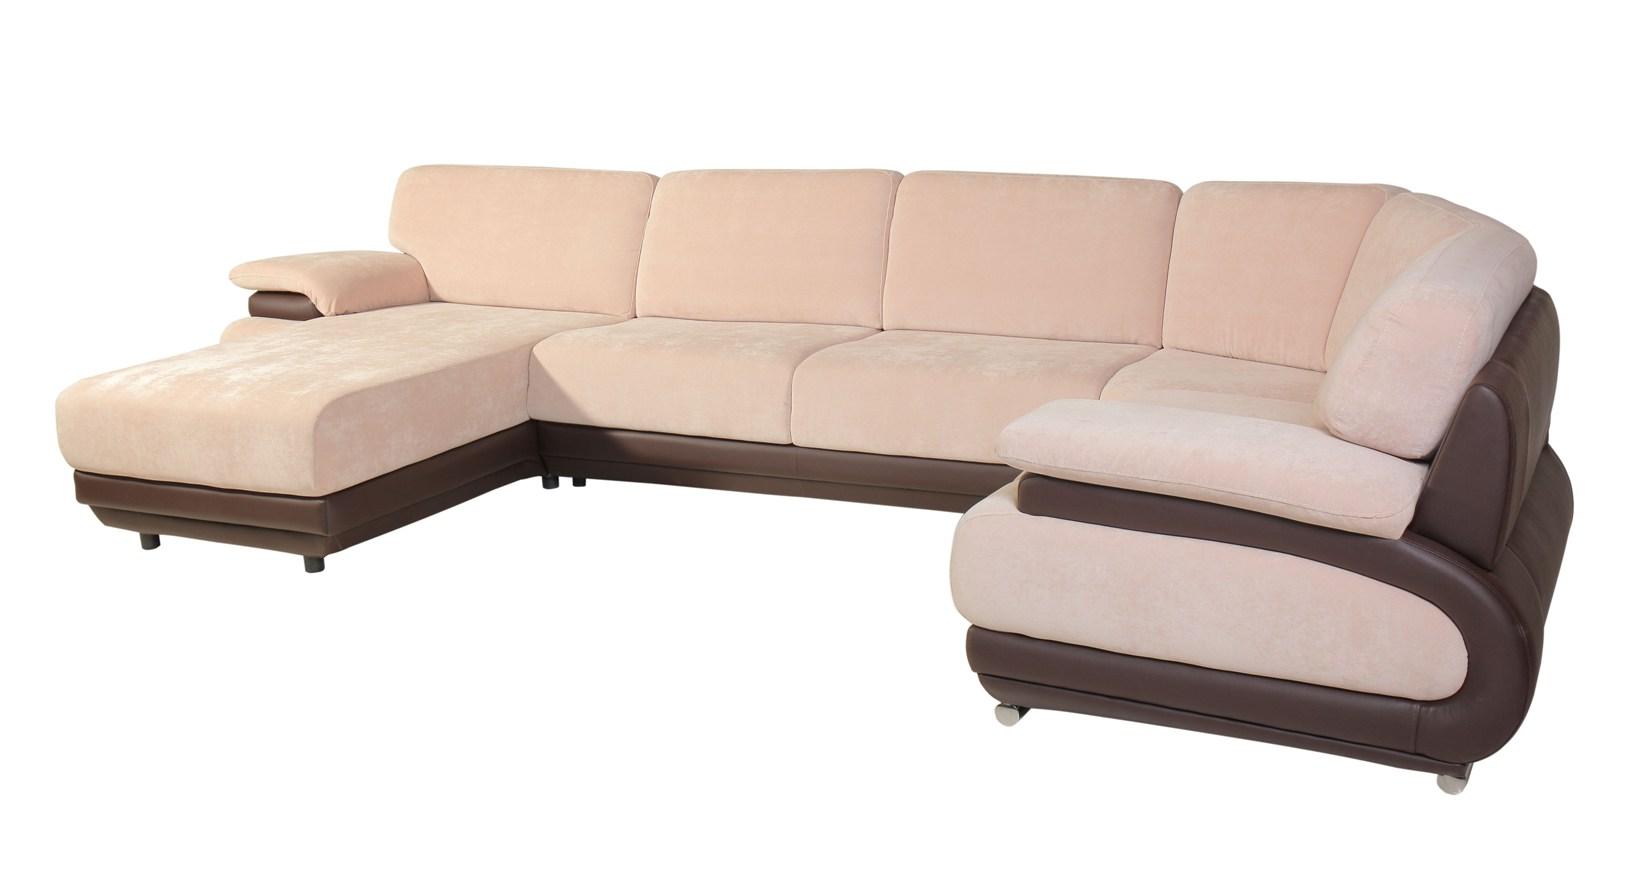 Угловой модульный диван Сен-Тропе-2 модульный диван сен тропе 3